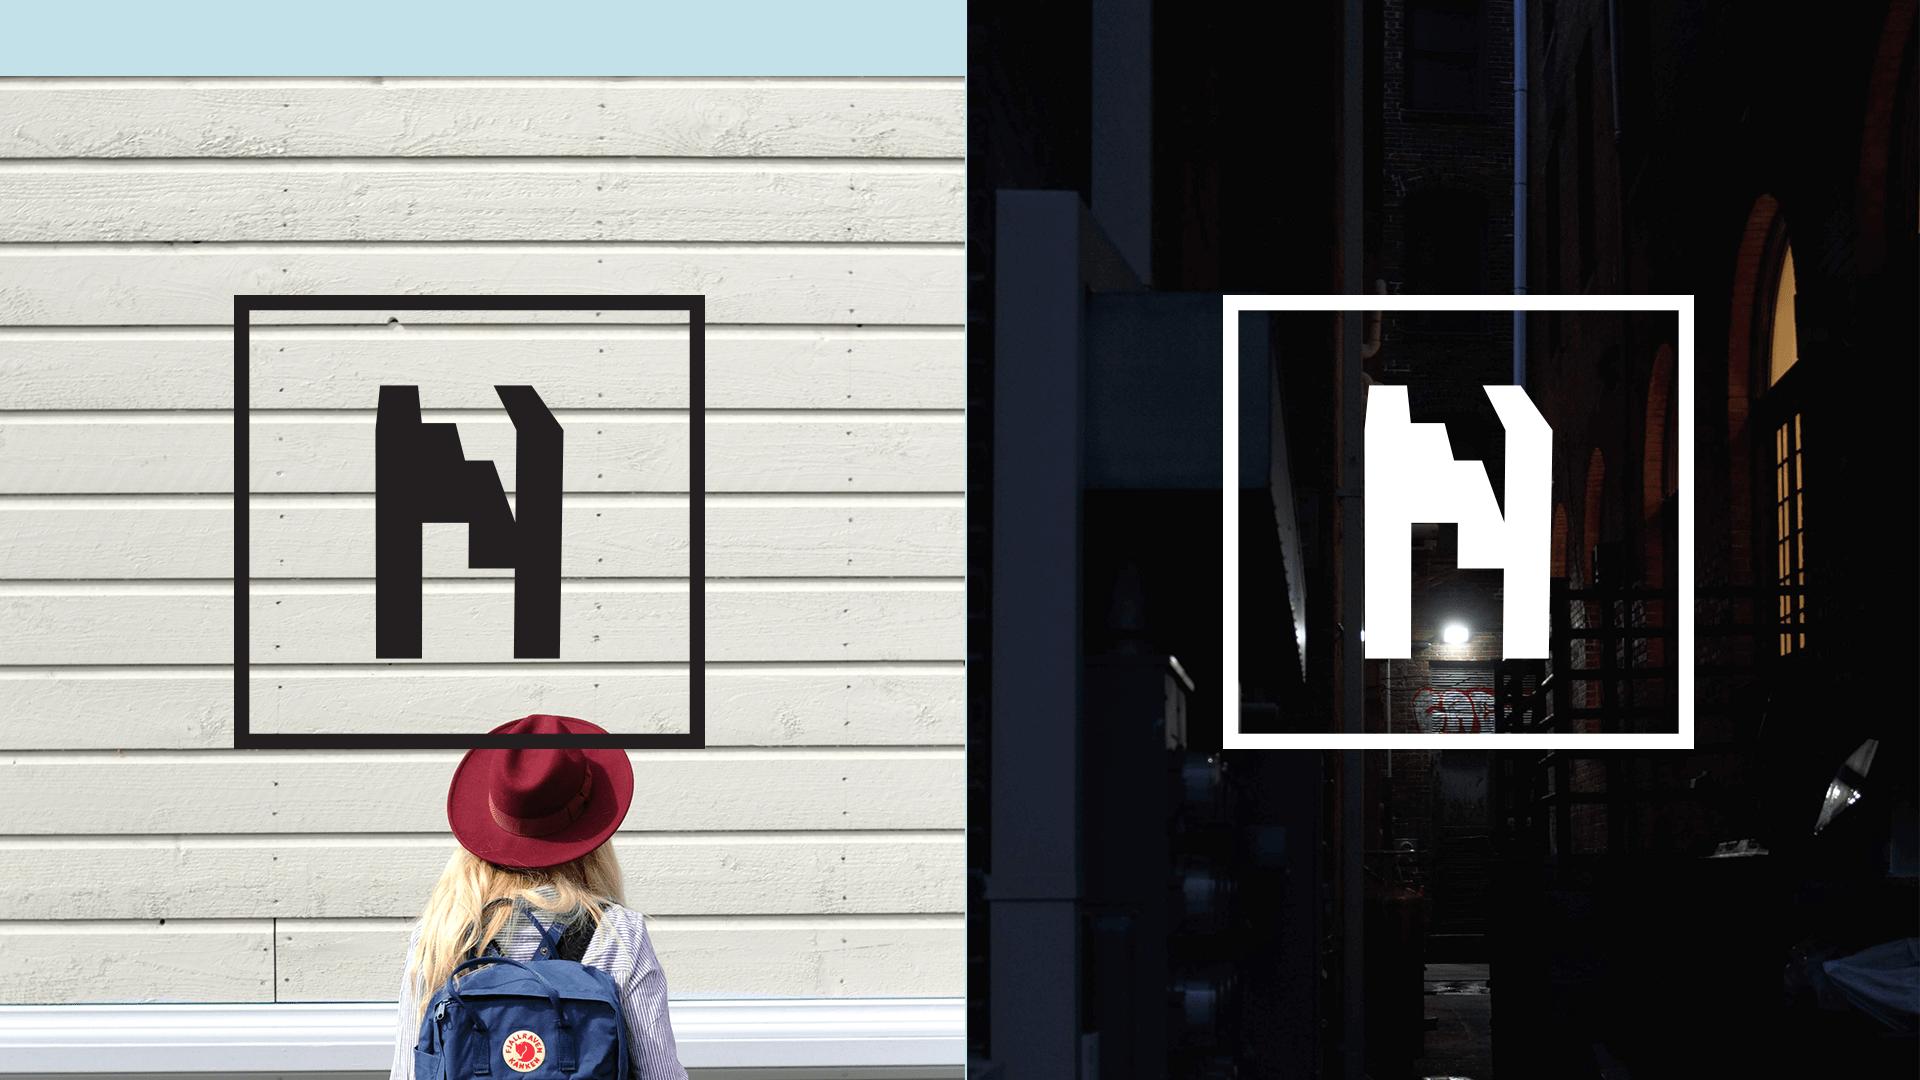 disculpi studio carla angels pinyol aniversari la nau vilafranca del penedes disseny grafic branding estudi - LA NAU - Disseny del branding del primer aniversari de l'Espai Jove de Vilafranca del Penedès